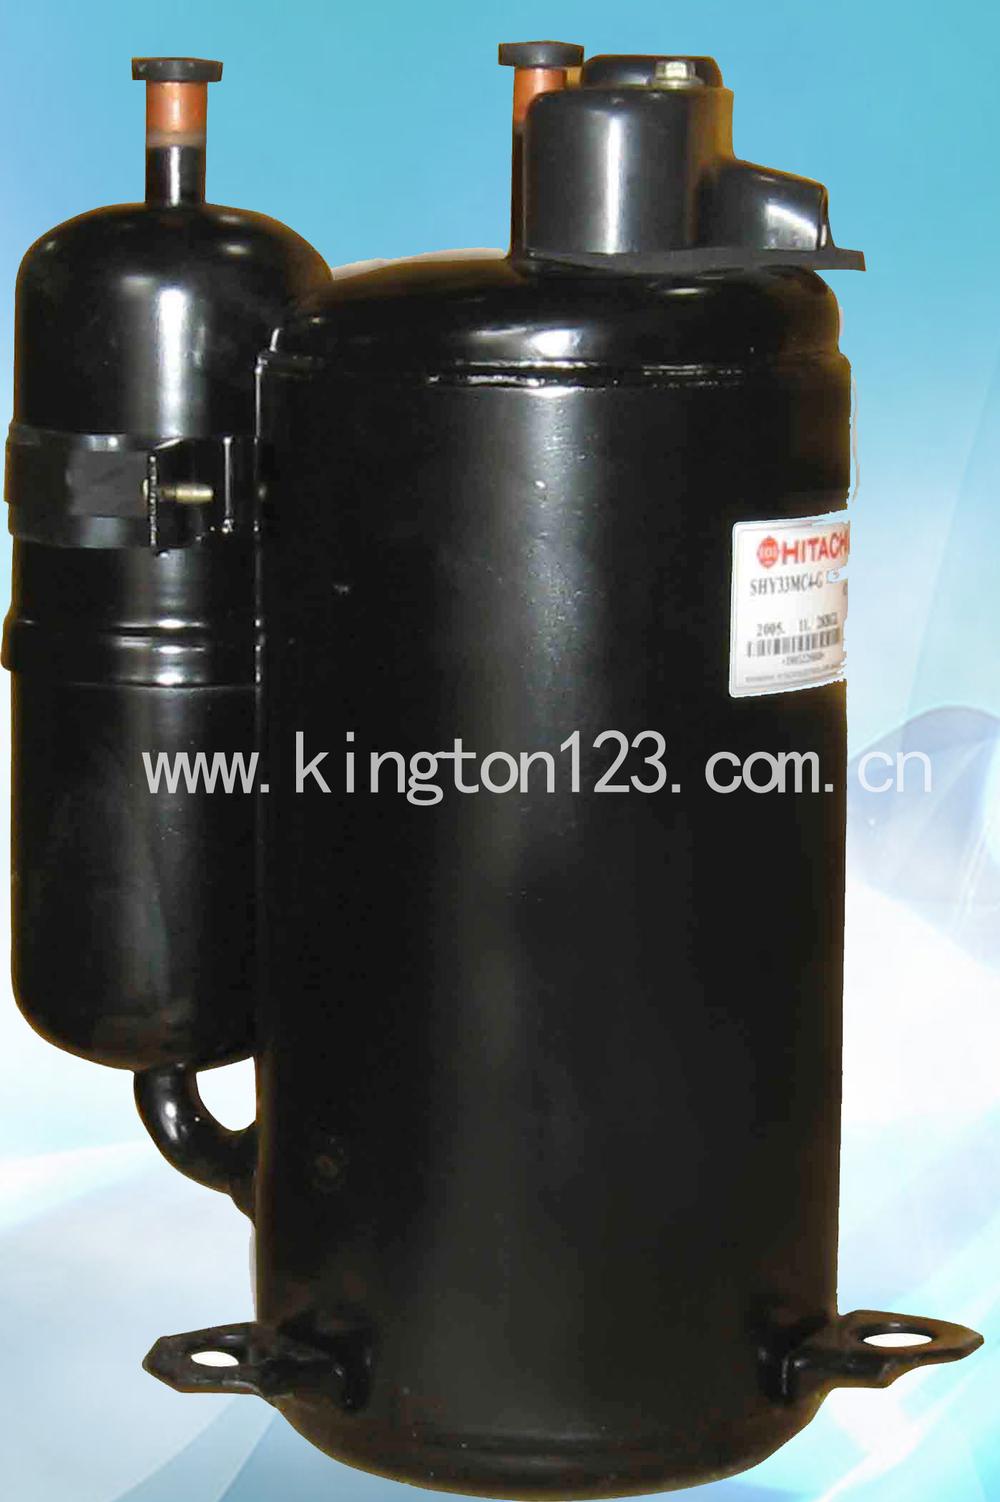 Hitachi Scroll Compressor for sale